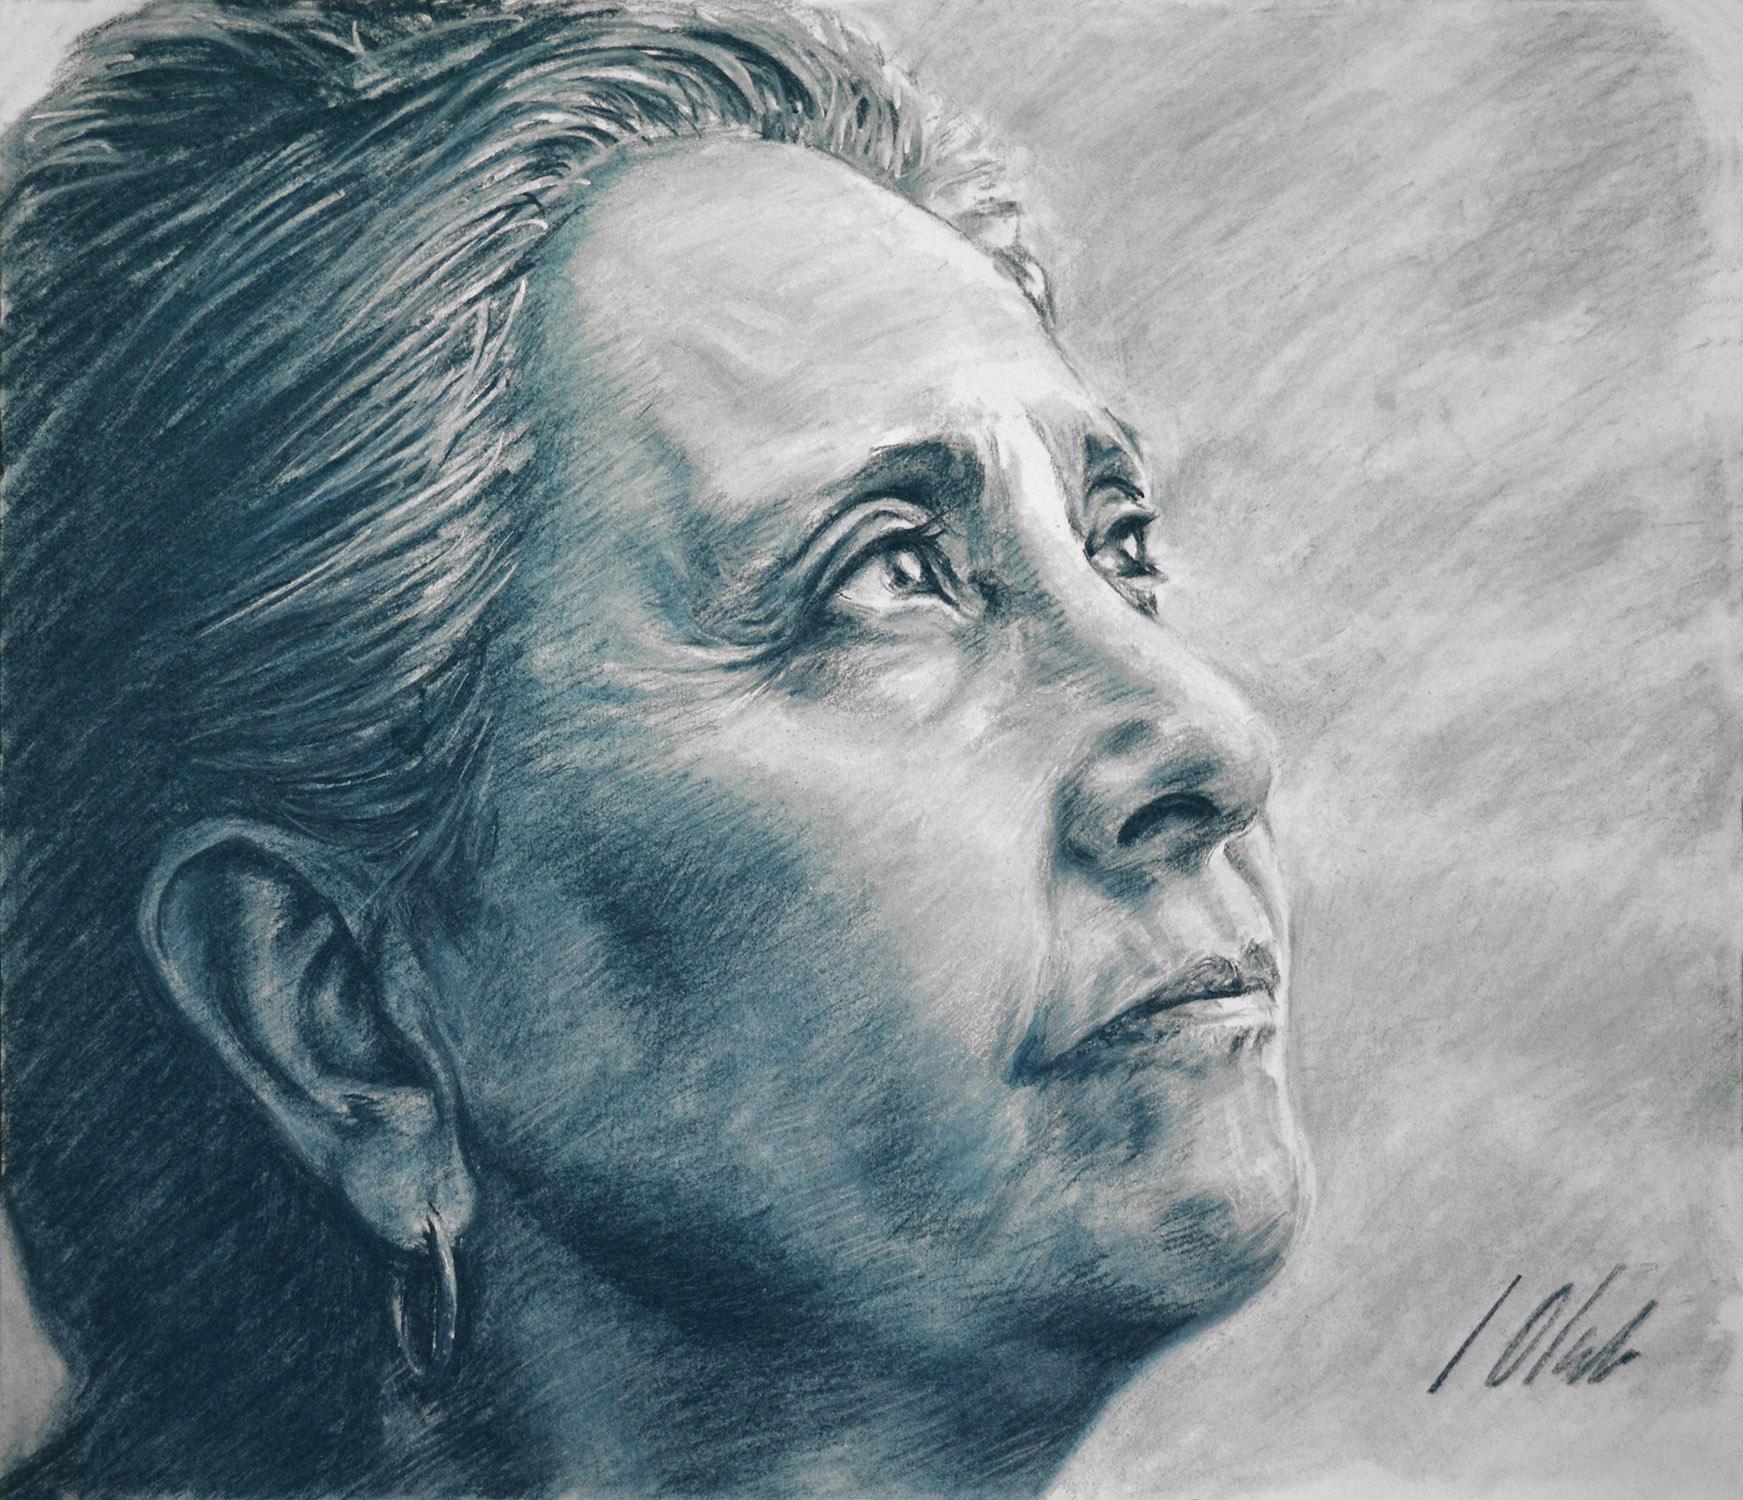 Empera. Retrato en pastel, obra de Javier Olmedo, 2012